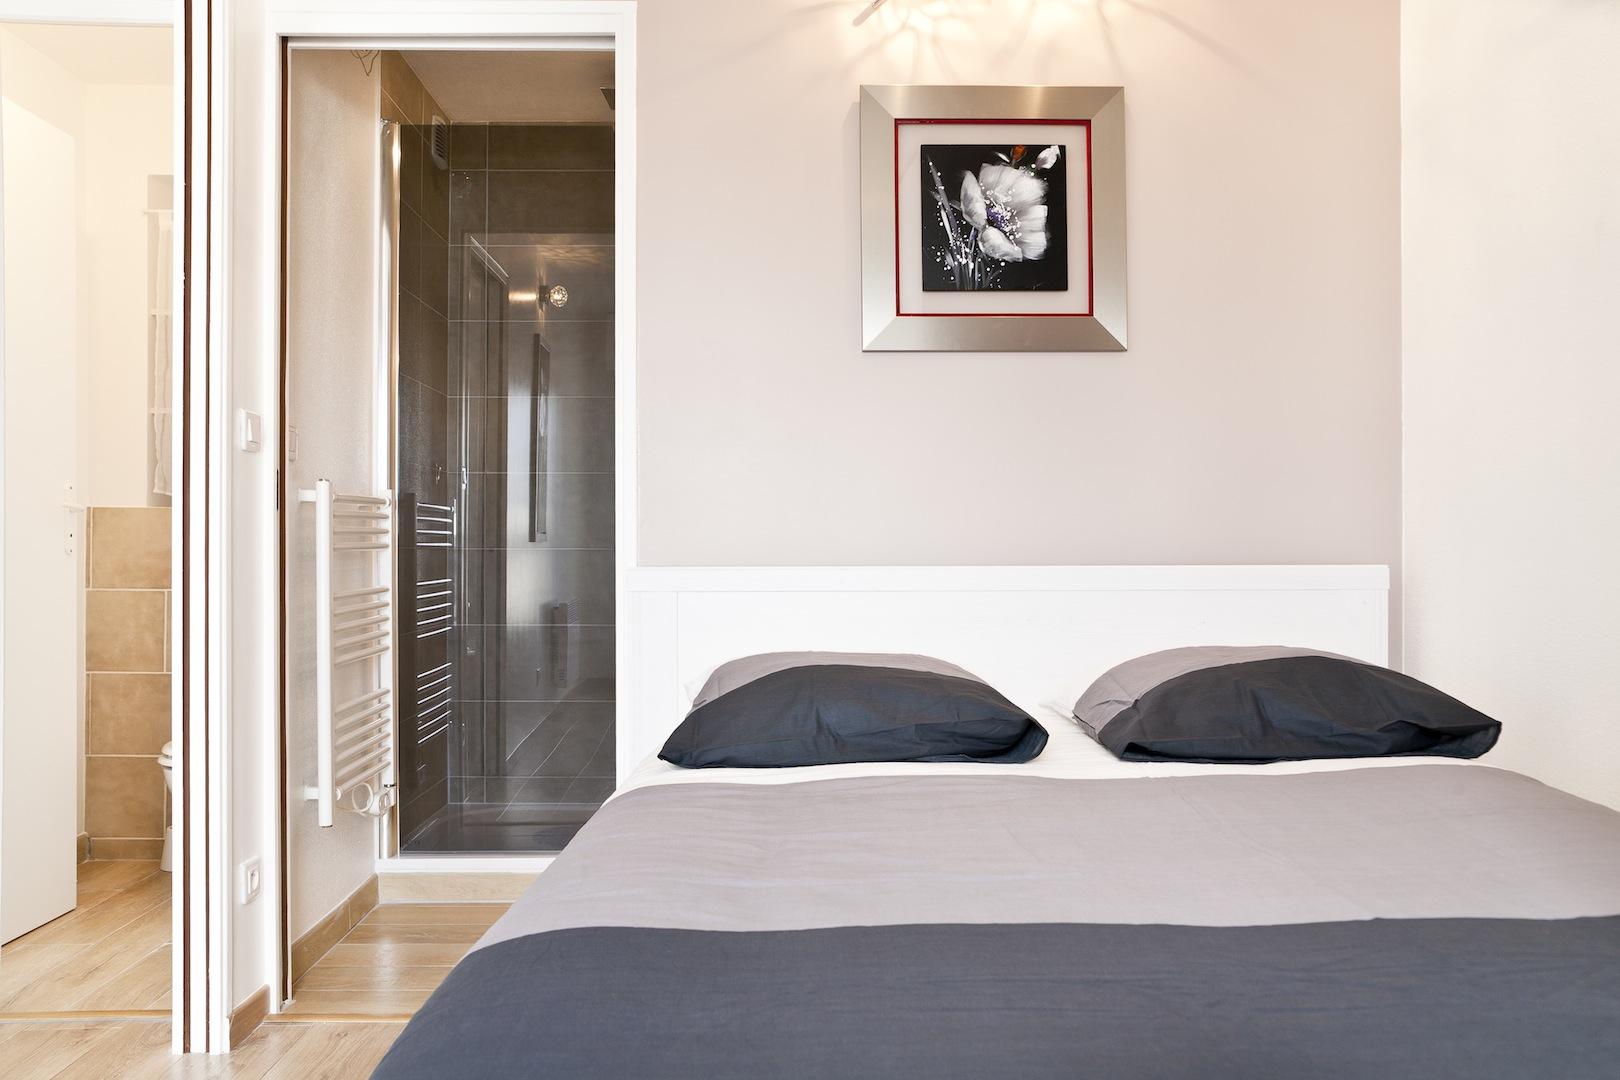 21 appart h tel nantes g te urbain meubl en centre ville de nantes appart h tel nantes. Black Bedroom Furniture Sets. Home Design Ideas